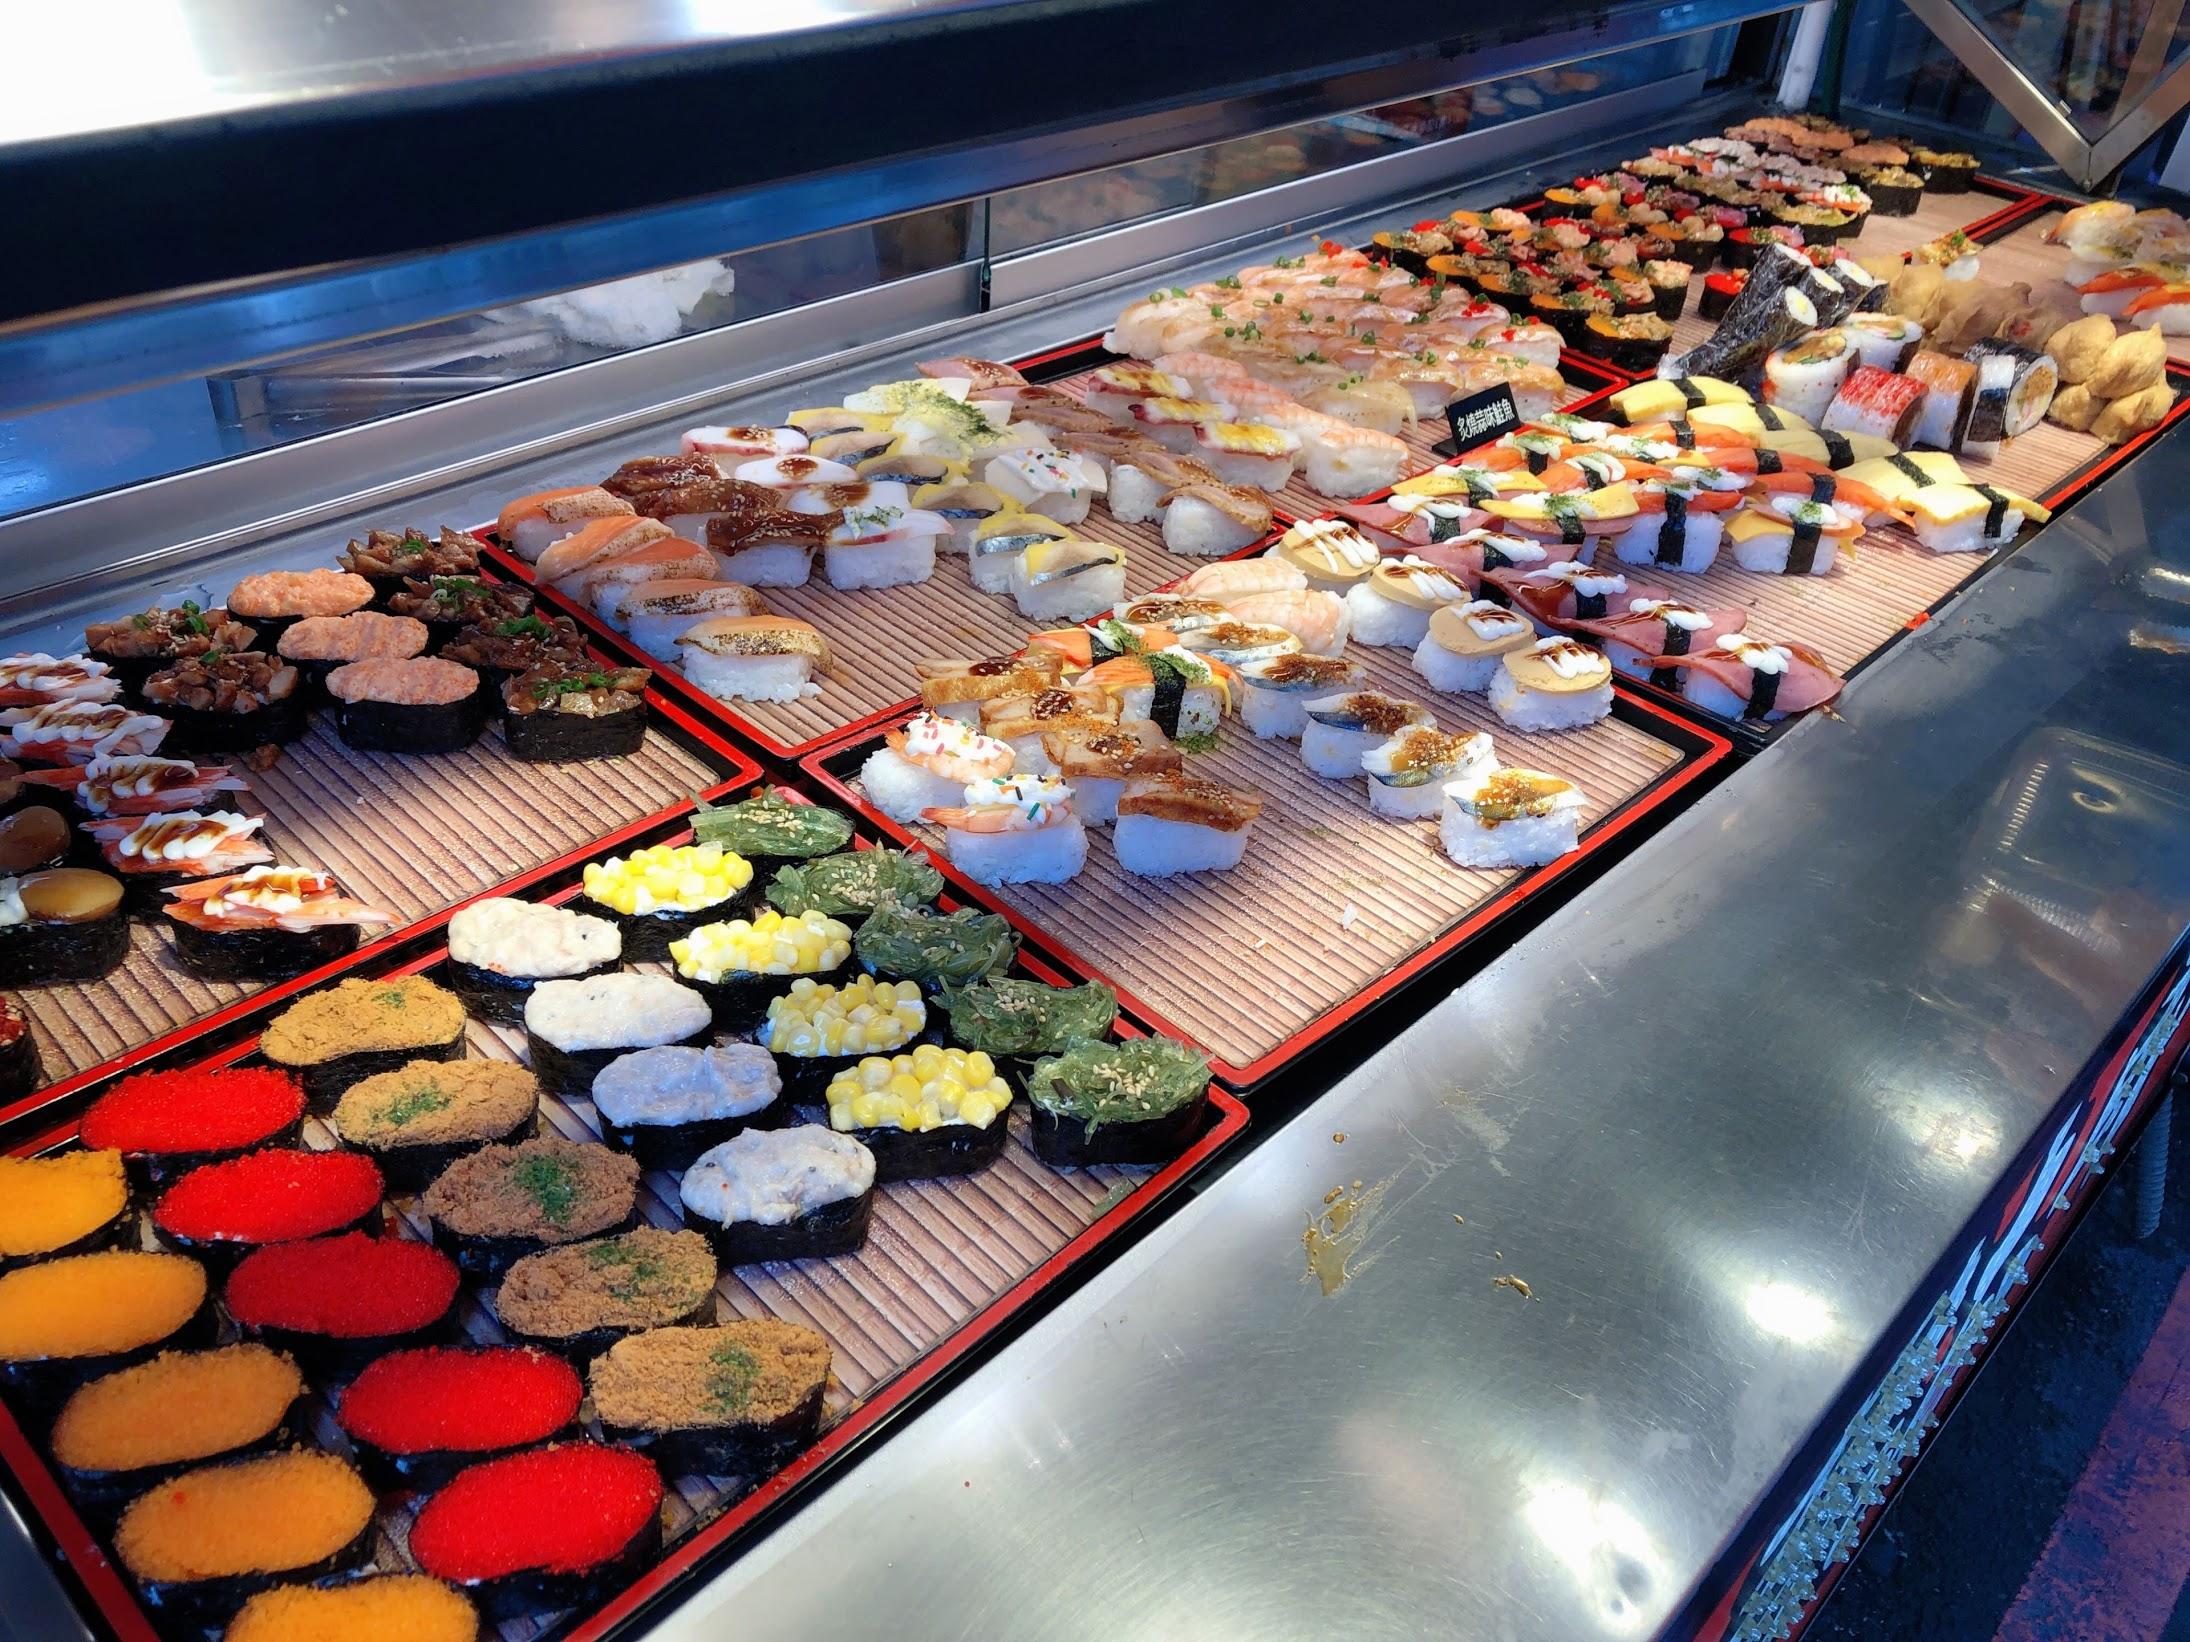 海山捷運美食、人文景點推薦-好吃豆花小攤、宏國德霖科技大學附近釣魚去 @秤瓶樂遊遊